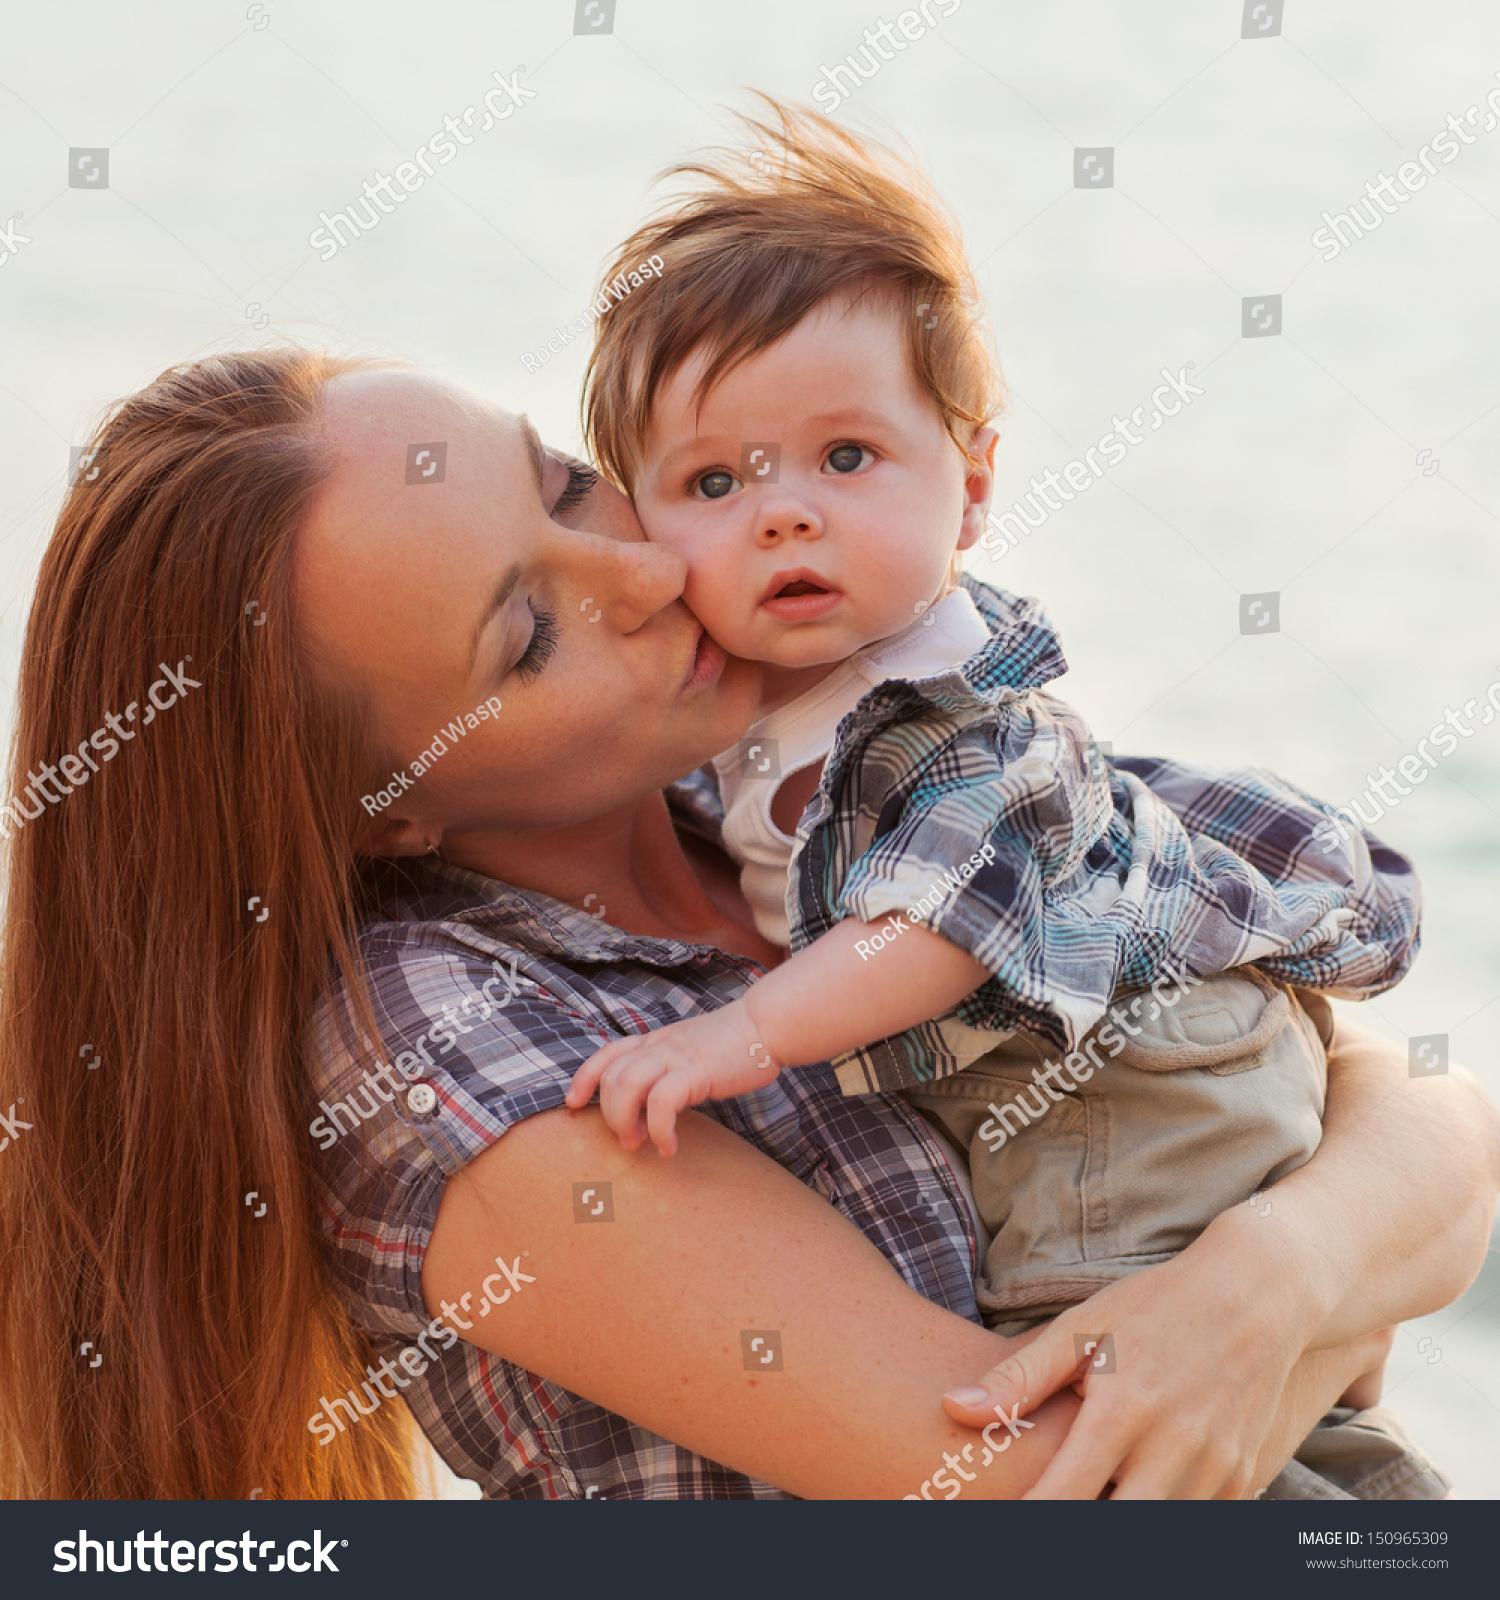 happy family having fun baby boy stock photo 150965309